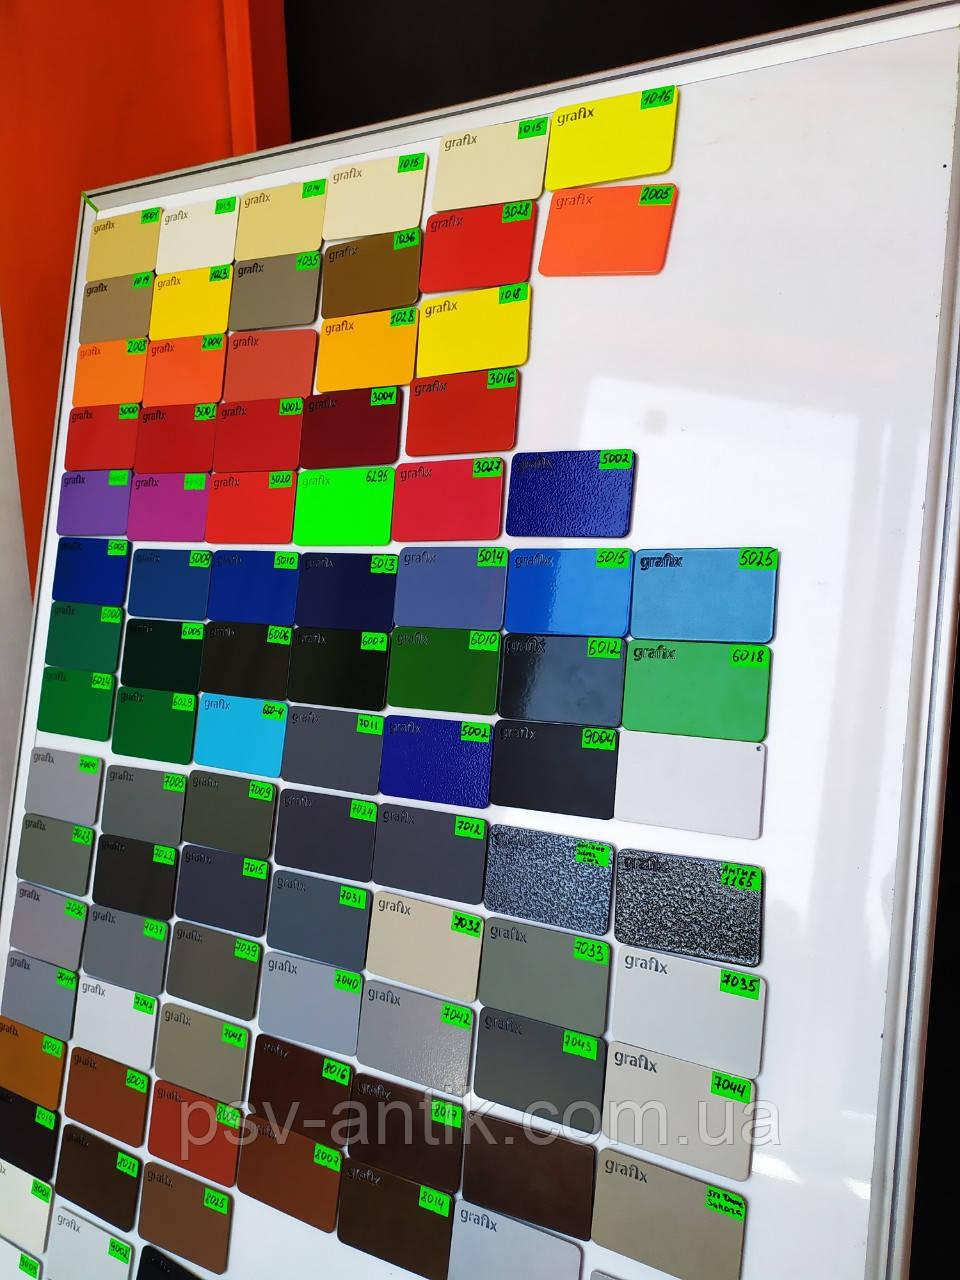 Порошковая краска матовая, полиэфирная, архитектурная, 6028